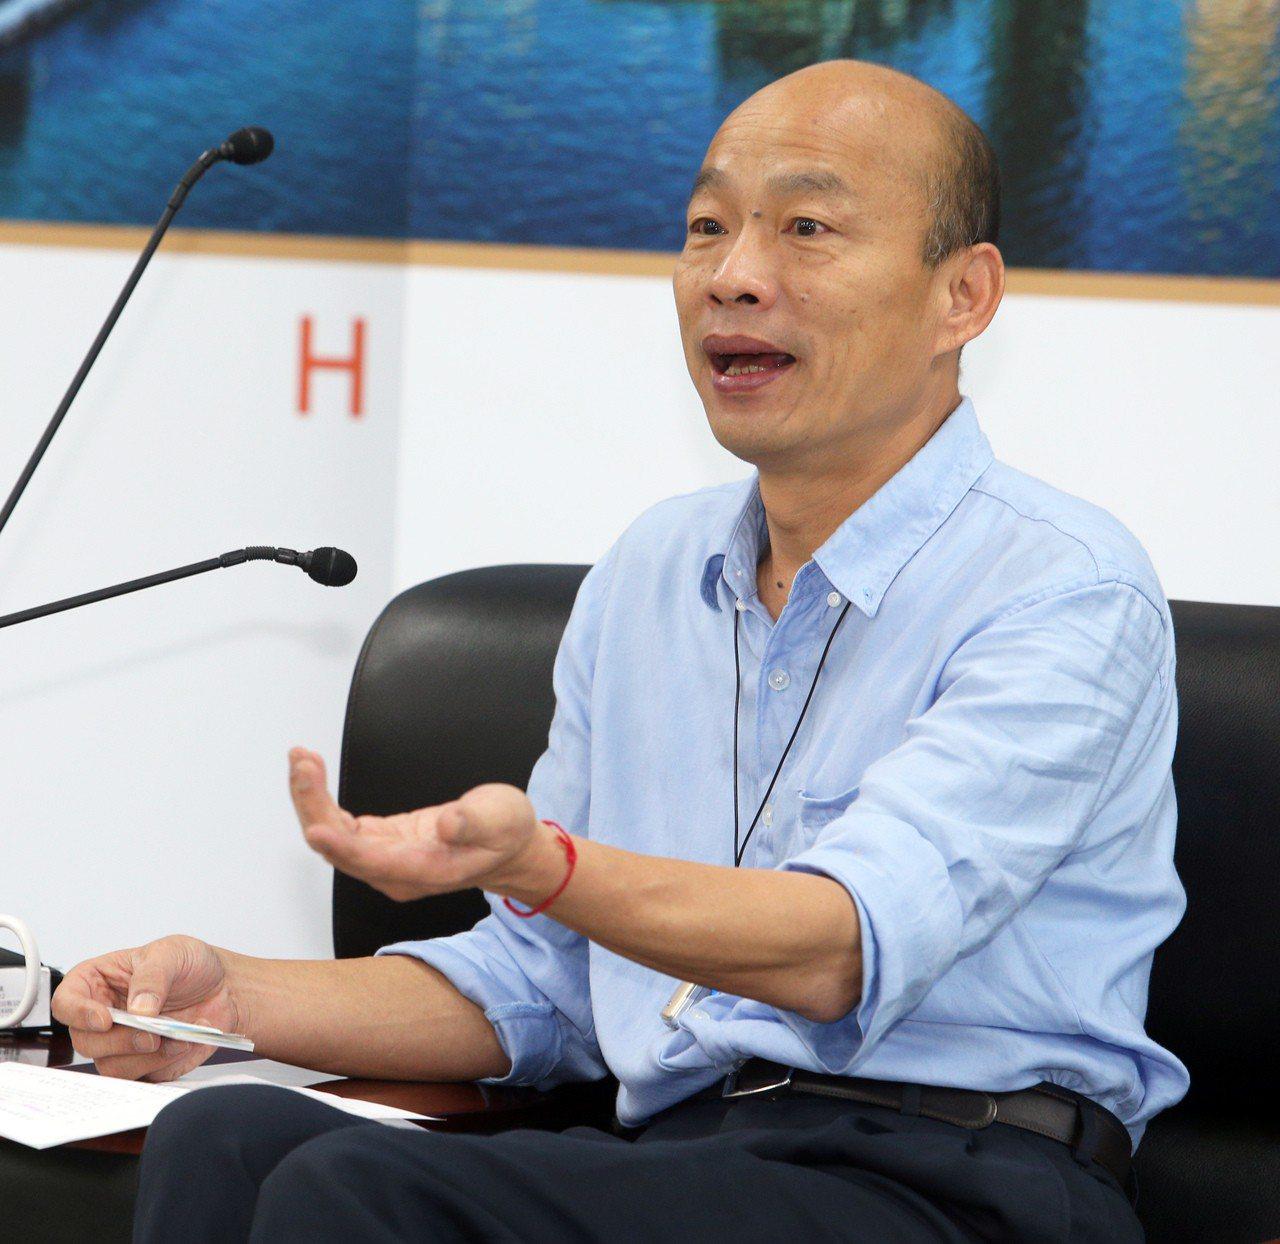 作家溫朗東指高雄市長韓國瑜的左手動作另有玄機,讓他越看越覺得不寒而慄。本...